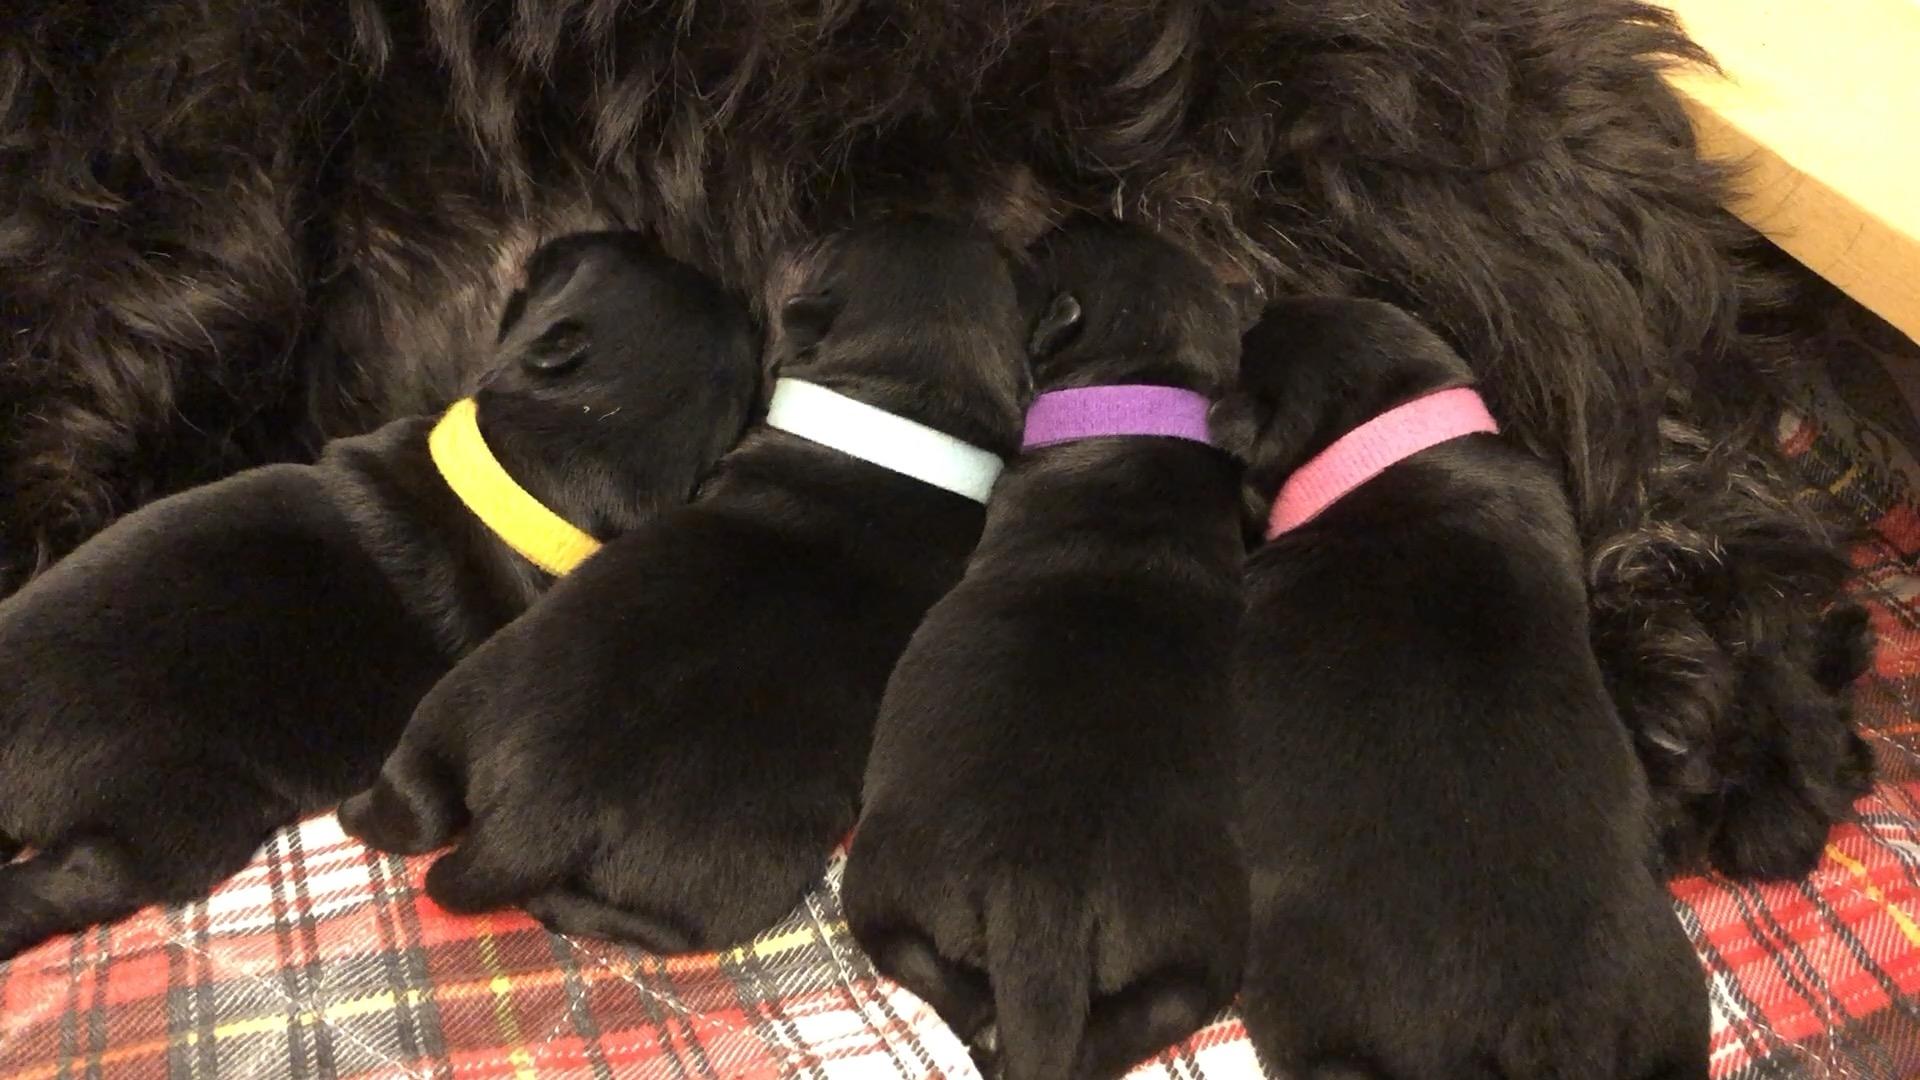 Four newborn Scottish Terrier puppies nursing with their Mom